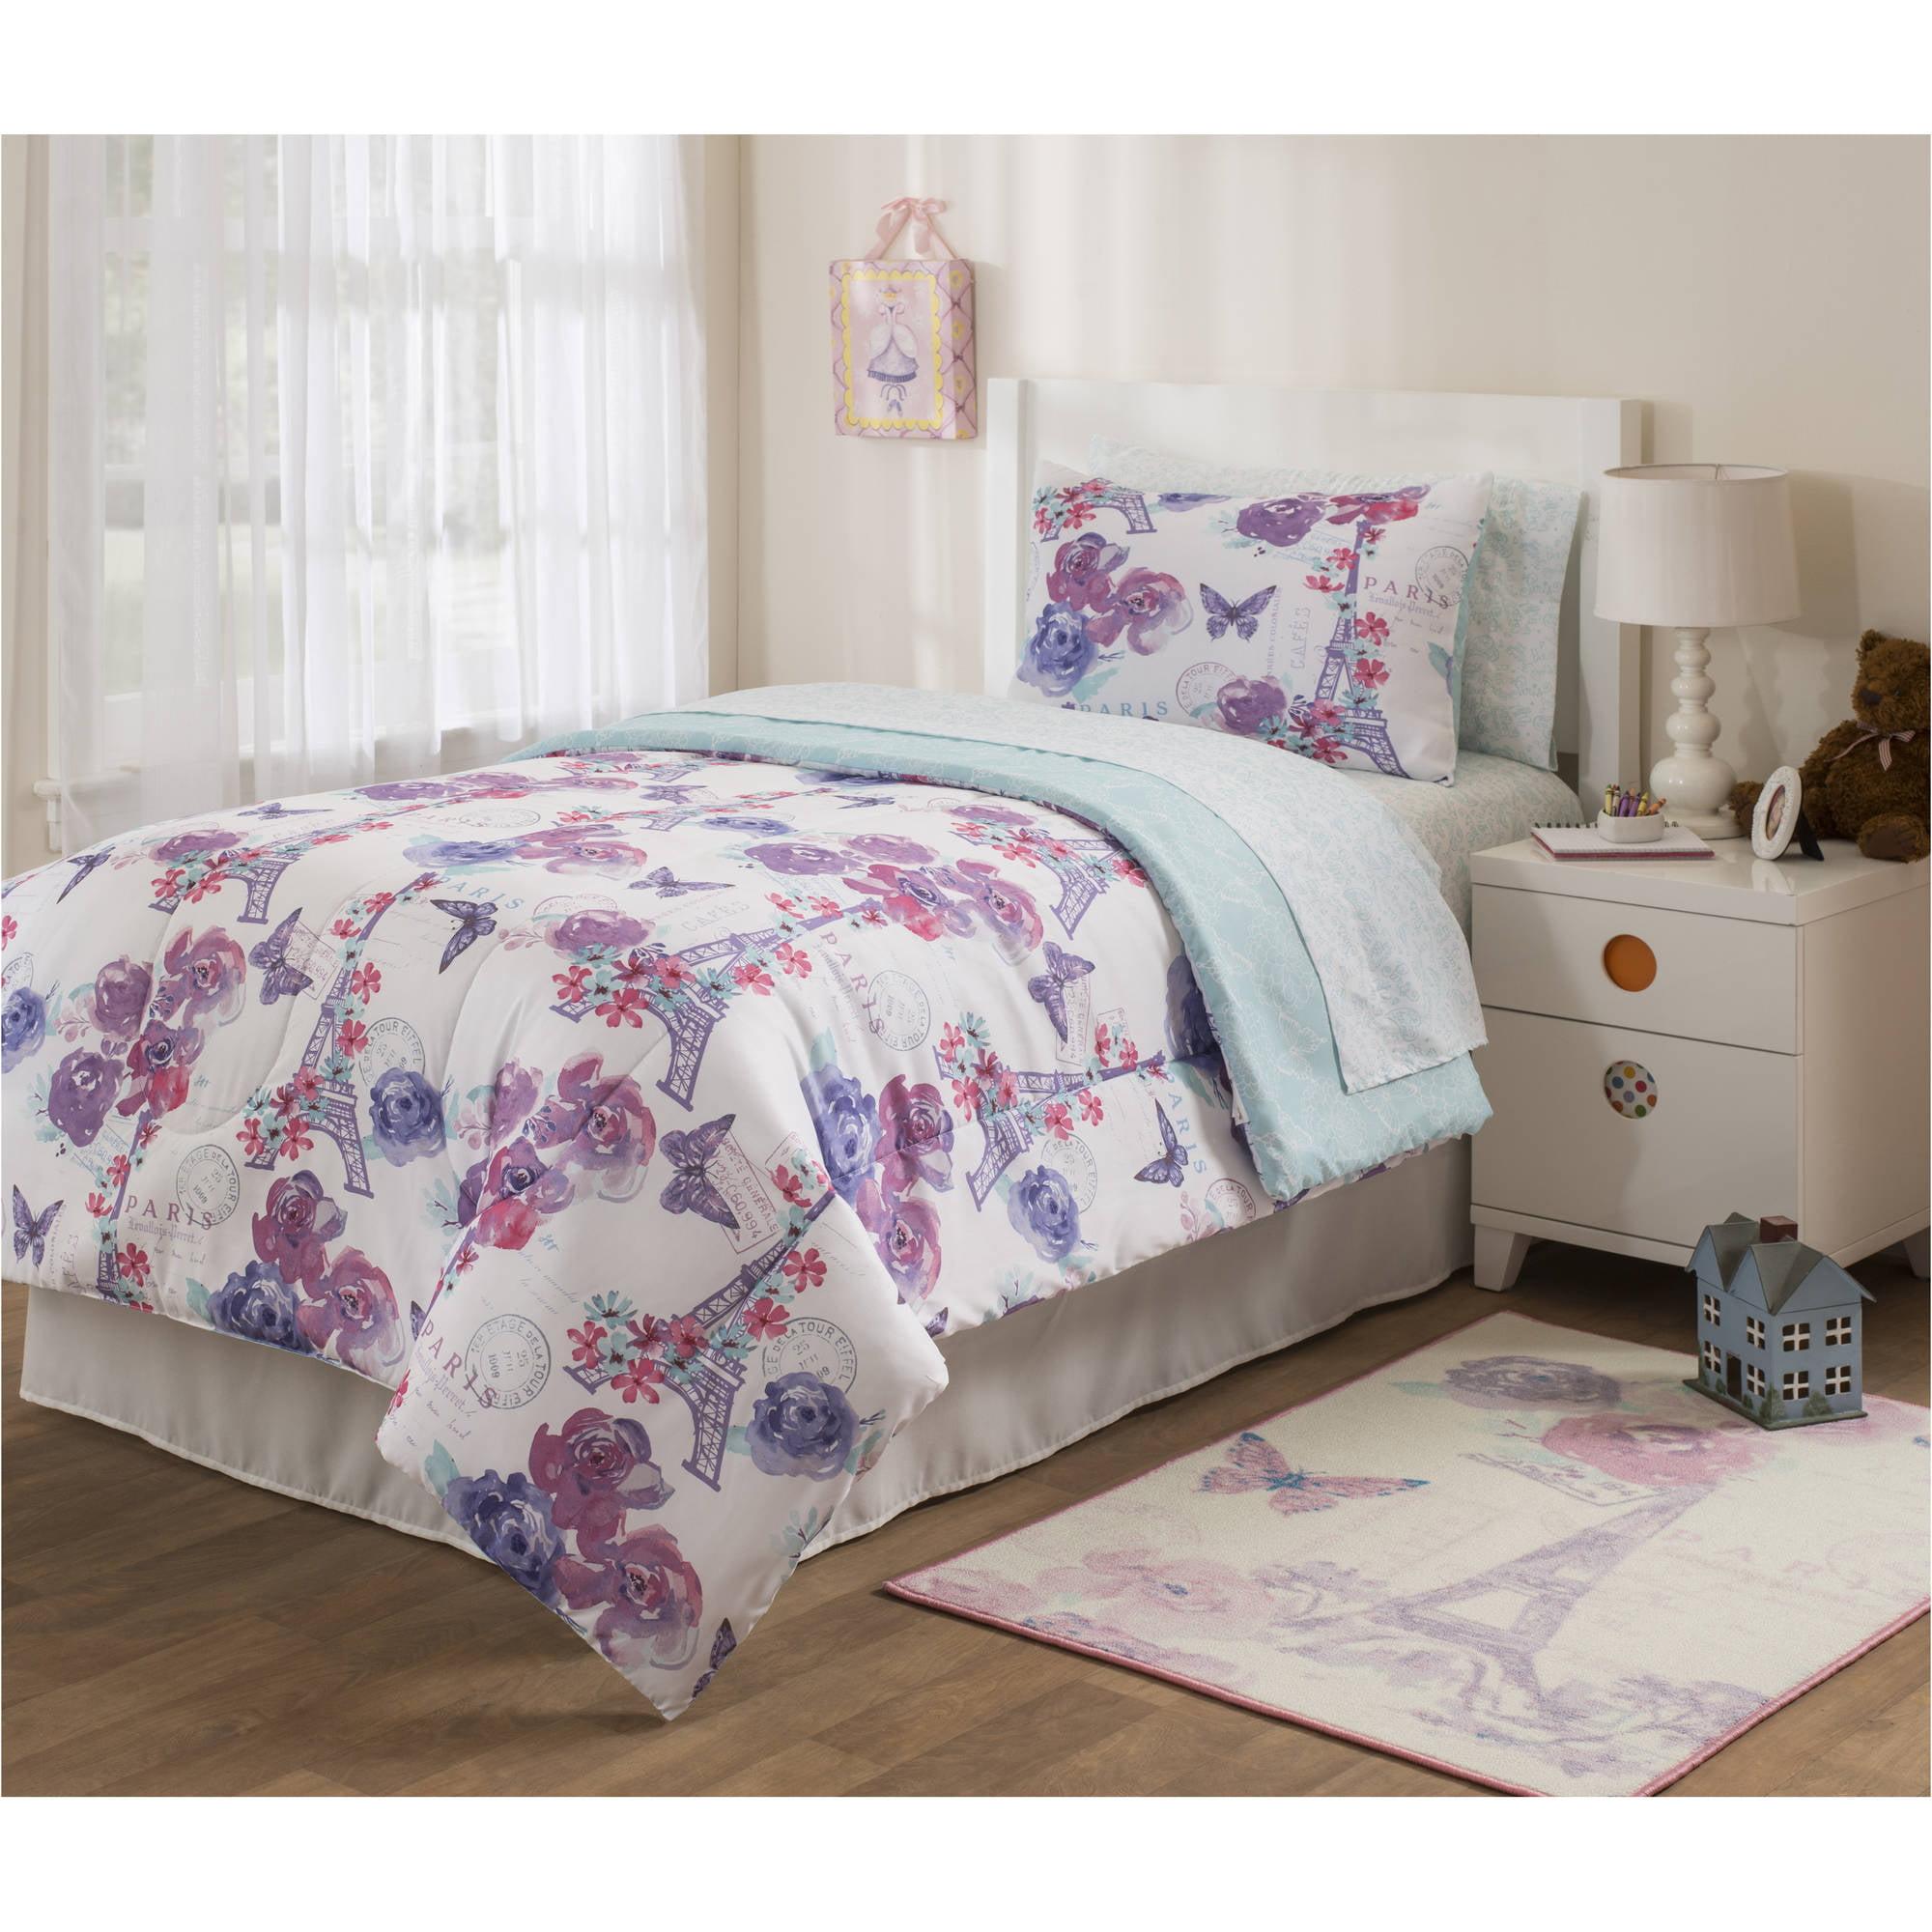 Mainstays Kids Paris Lavender Bed In A Bag Bedding Set